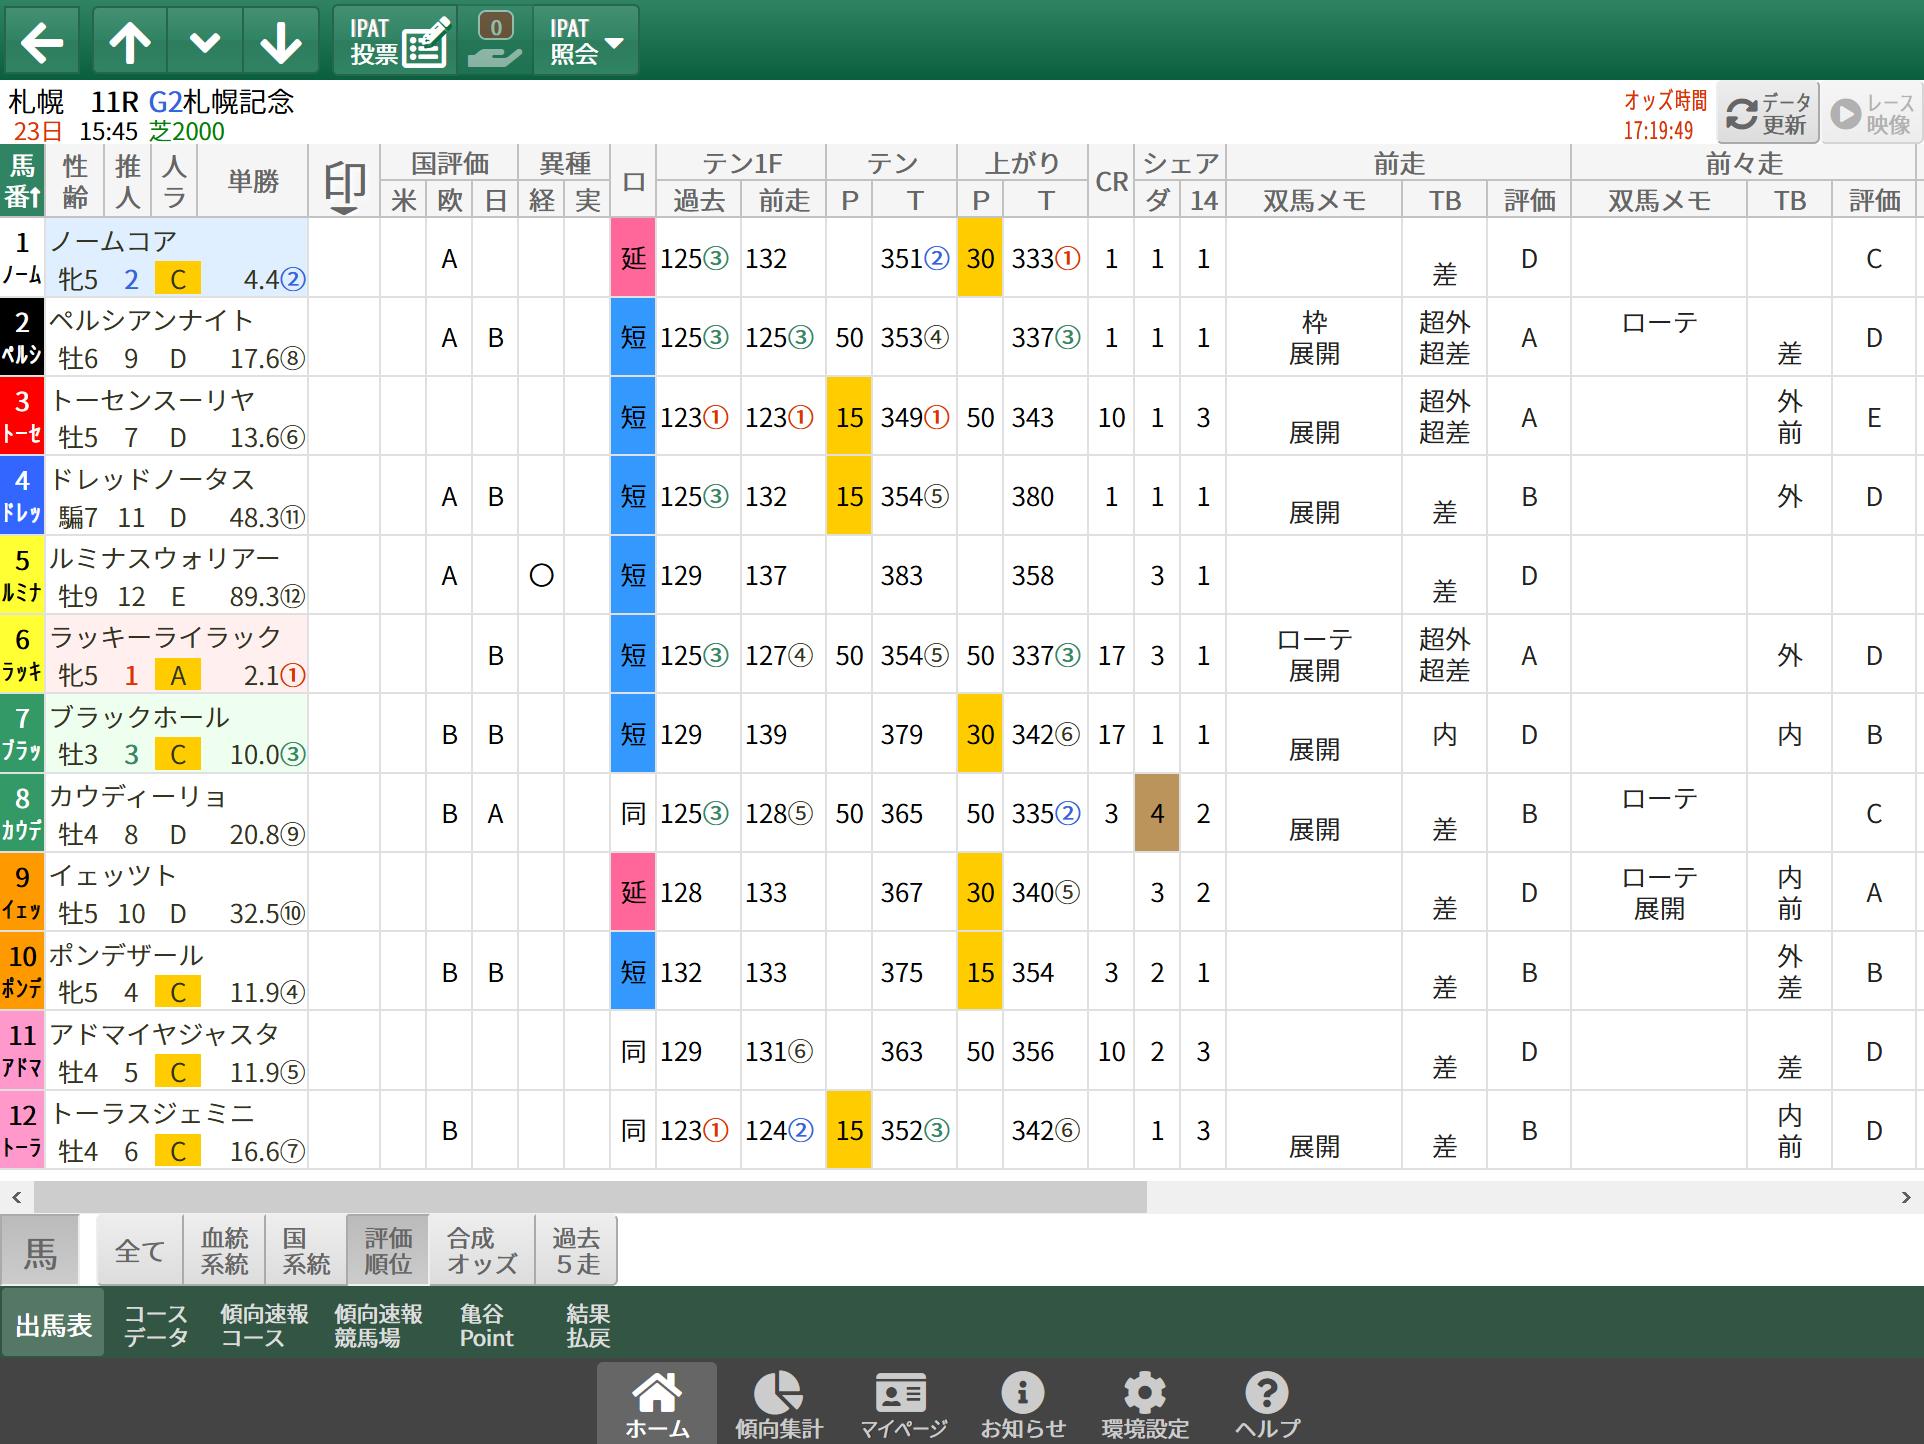 【無料公開】札幌記念 / 亀谷サロン限定公開中のスマート出馬表・次期バージョン